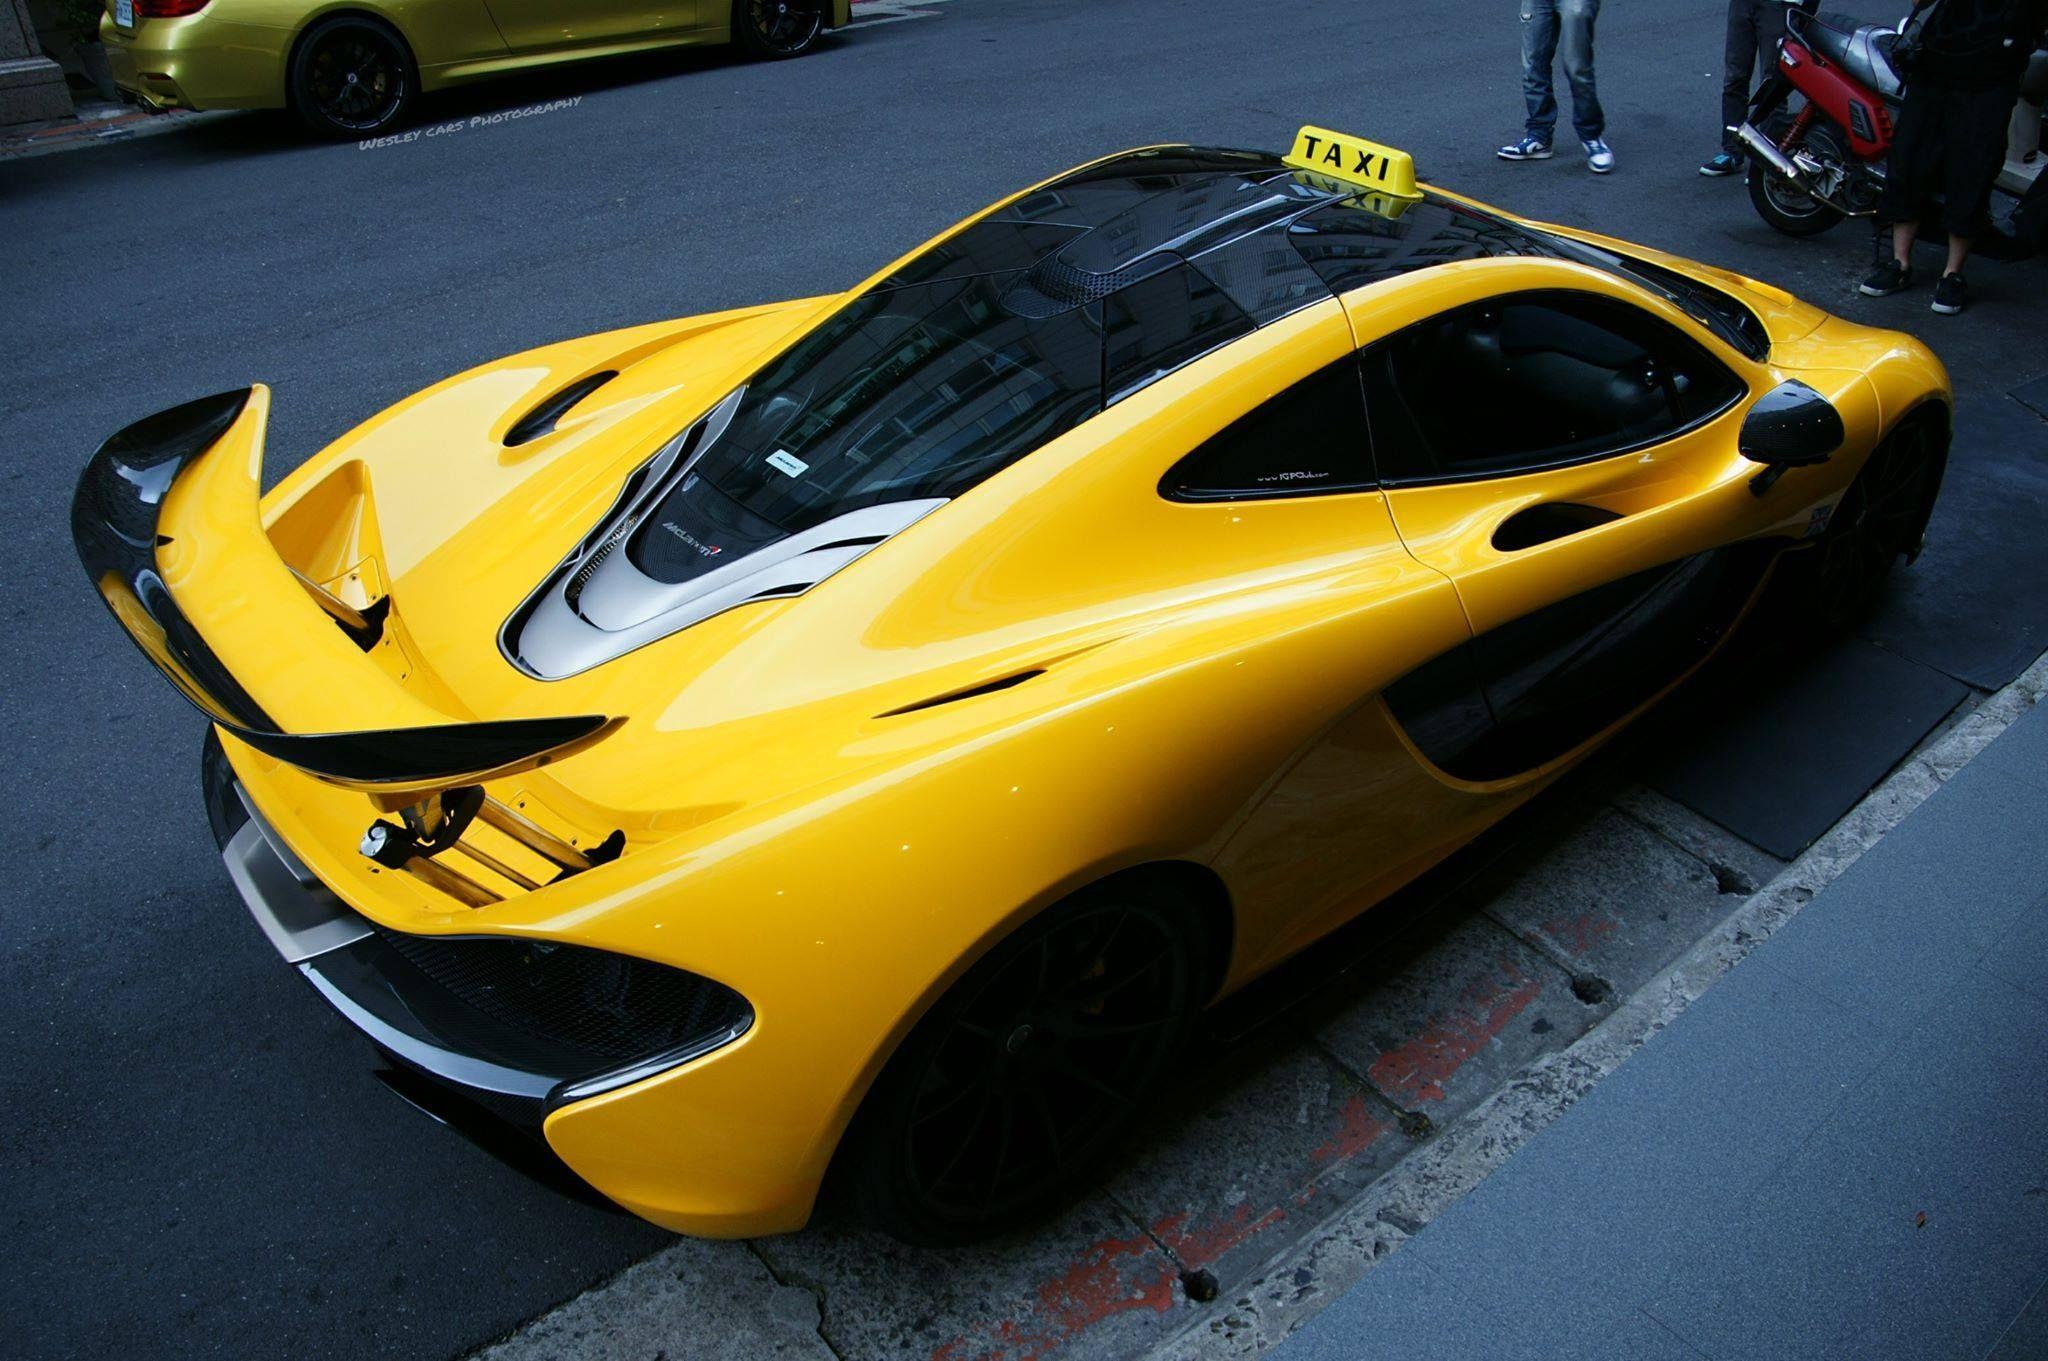 McLaren P1 Mclaren p1, Mclaren, Taxi